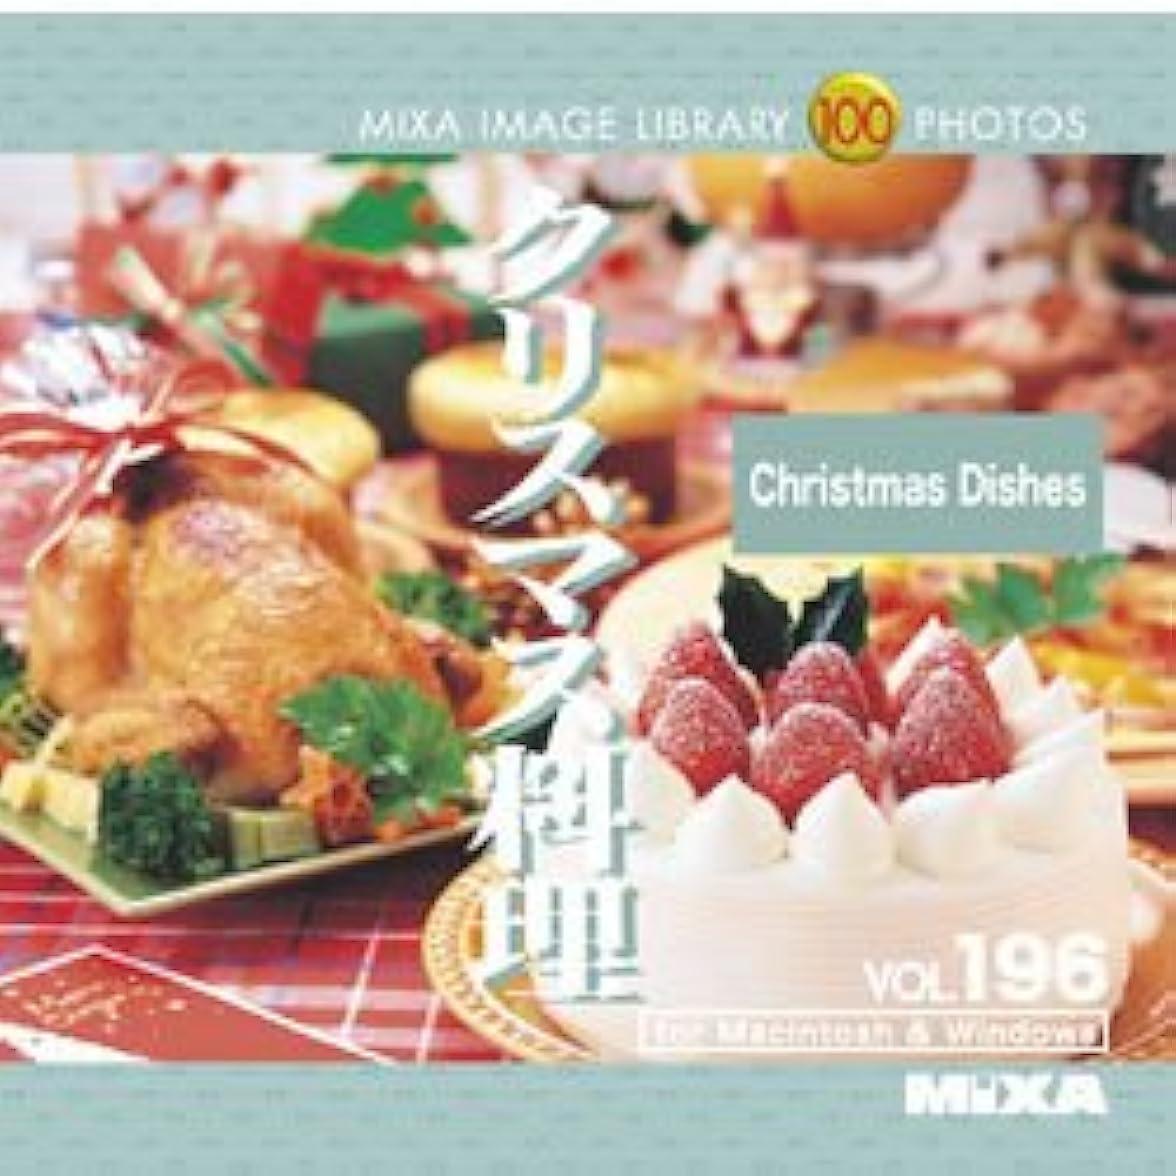 について主張する塊MIXA IMAGE LIBRARY Vol.196 クリスマス料理